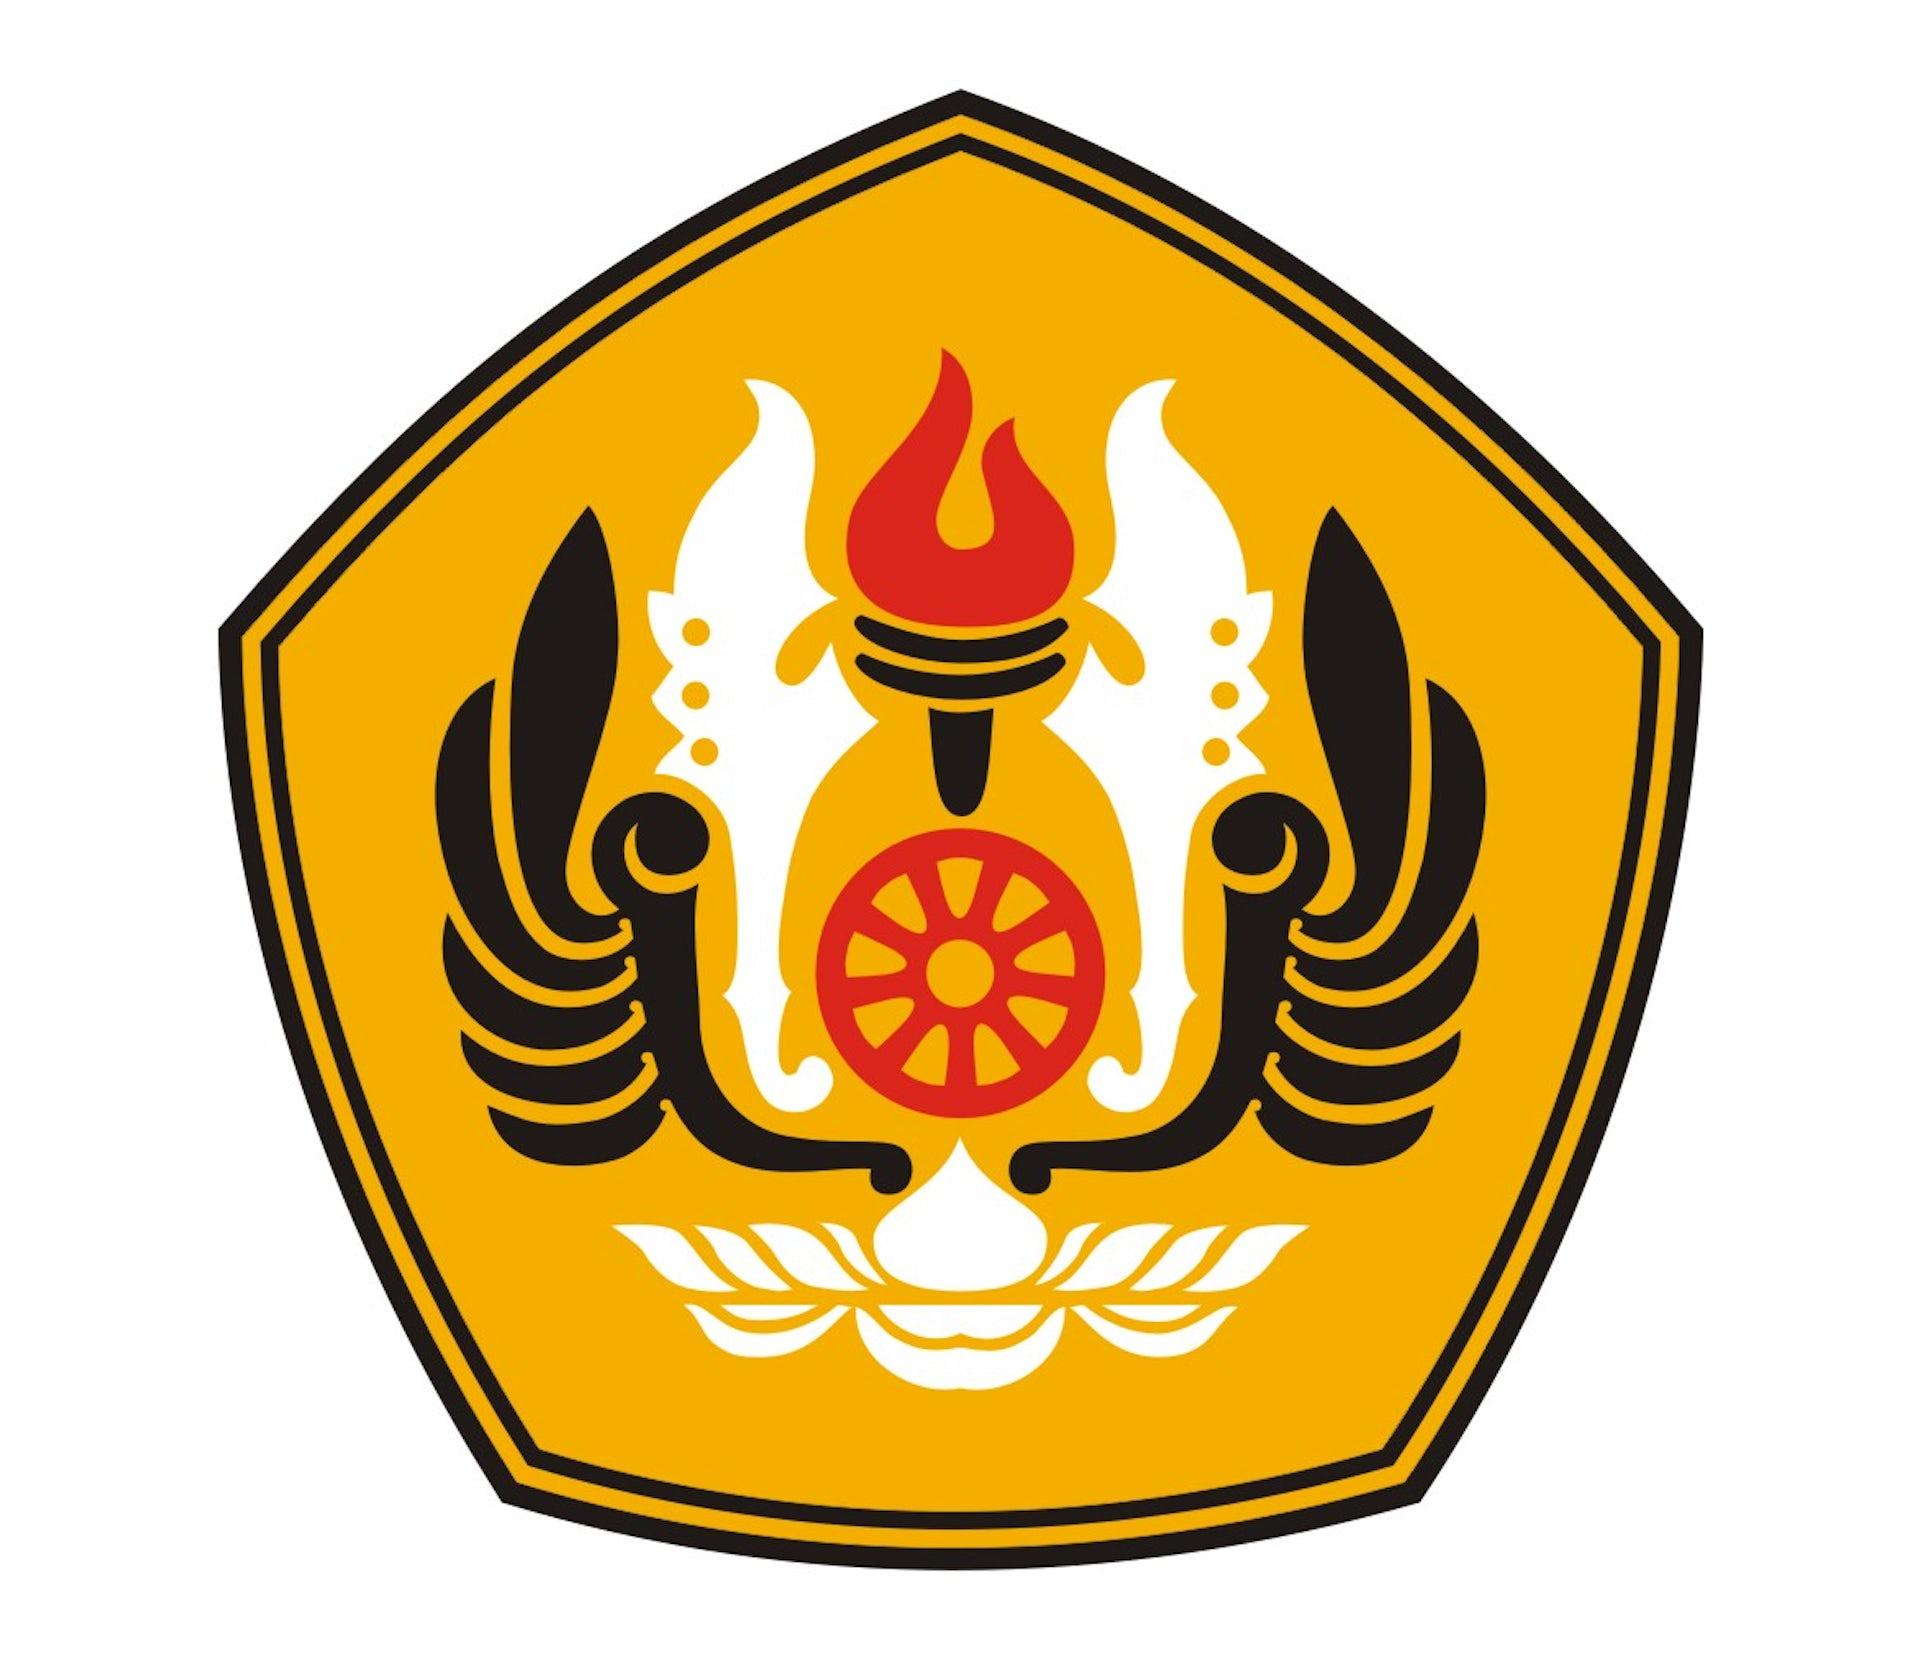 Logo 1501769382.jpg?ixlib=rb 1.1